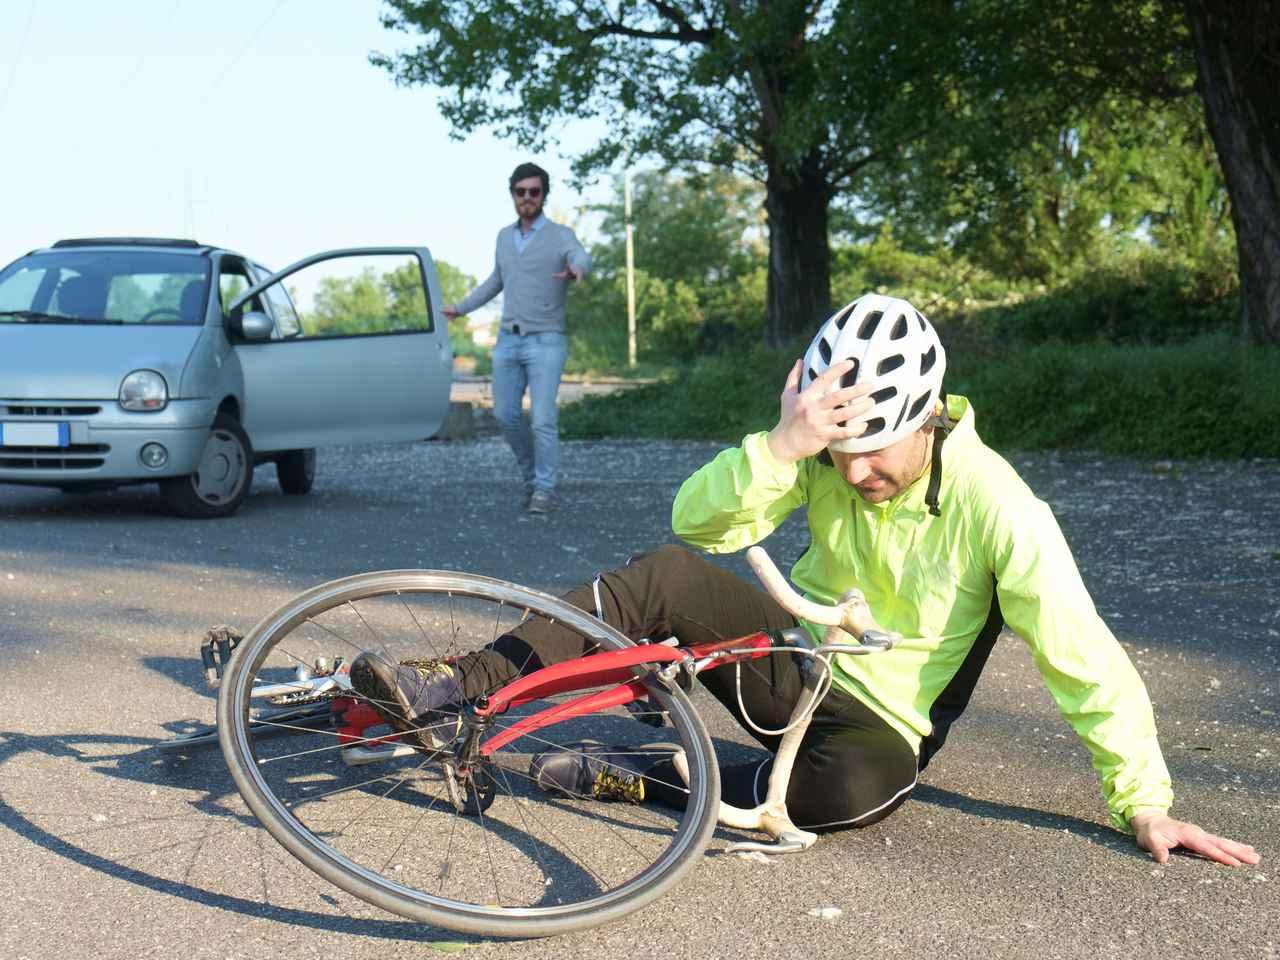 画像: 【ヘルメットは自転車の必須アイテム】スピードの出るロードバイクは要注意 命を守るためヘルメット着用必須!